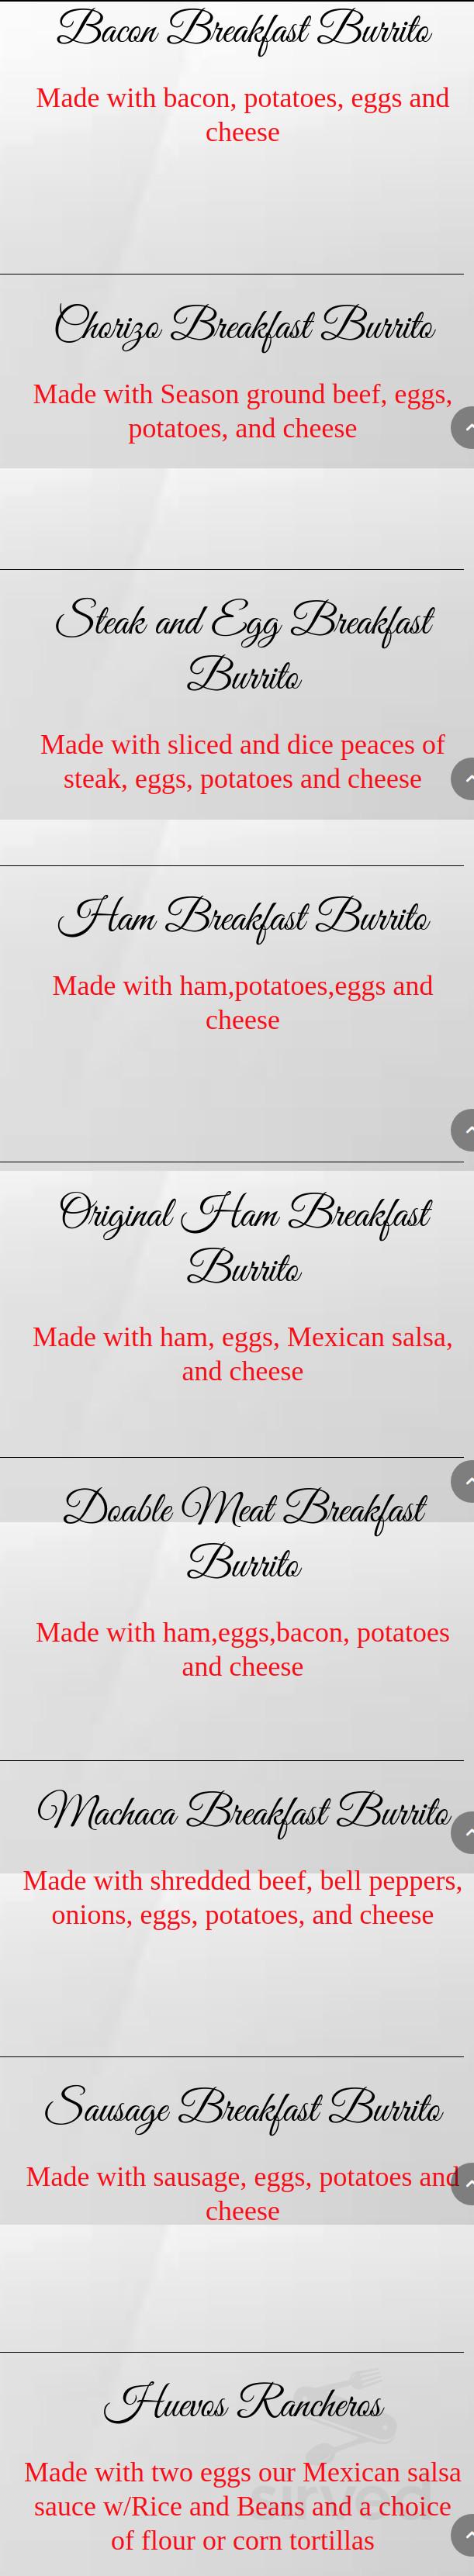 Menu For Muchas Gracias Mexican Restaurant In Dallas Oregon